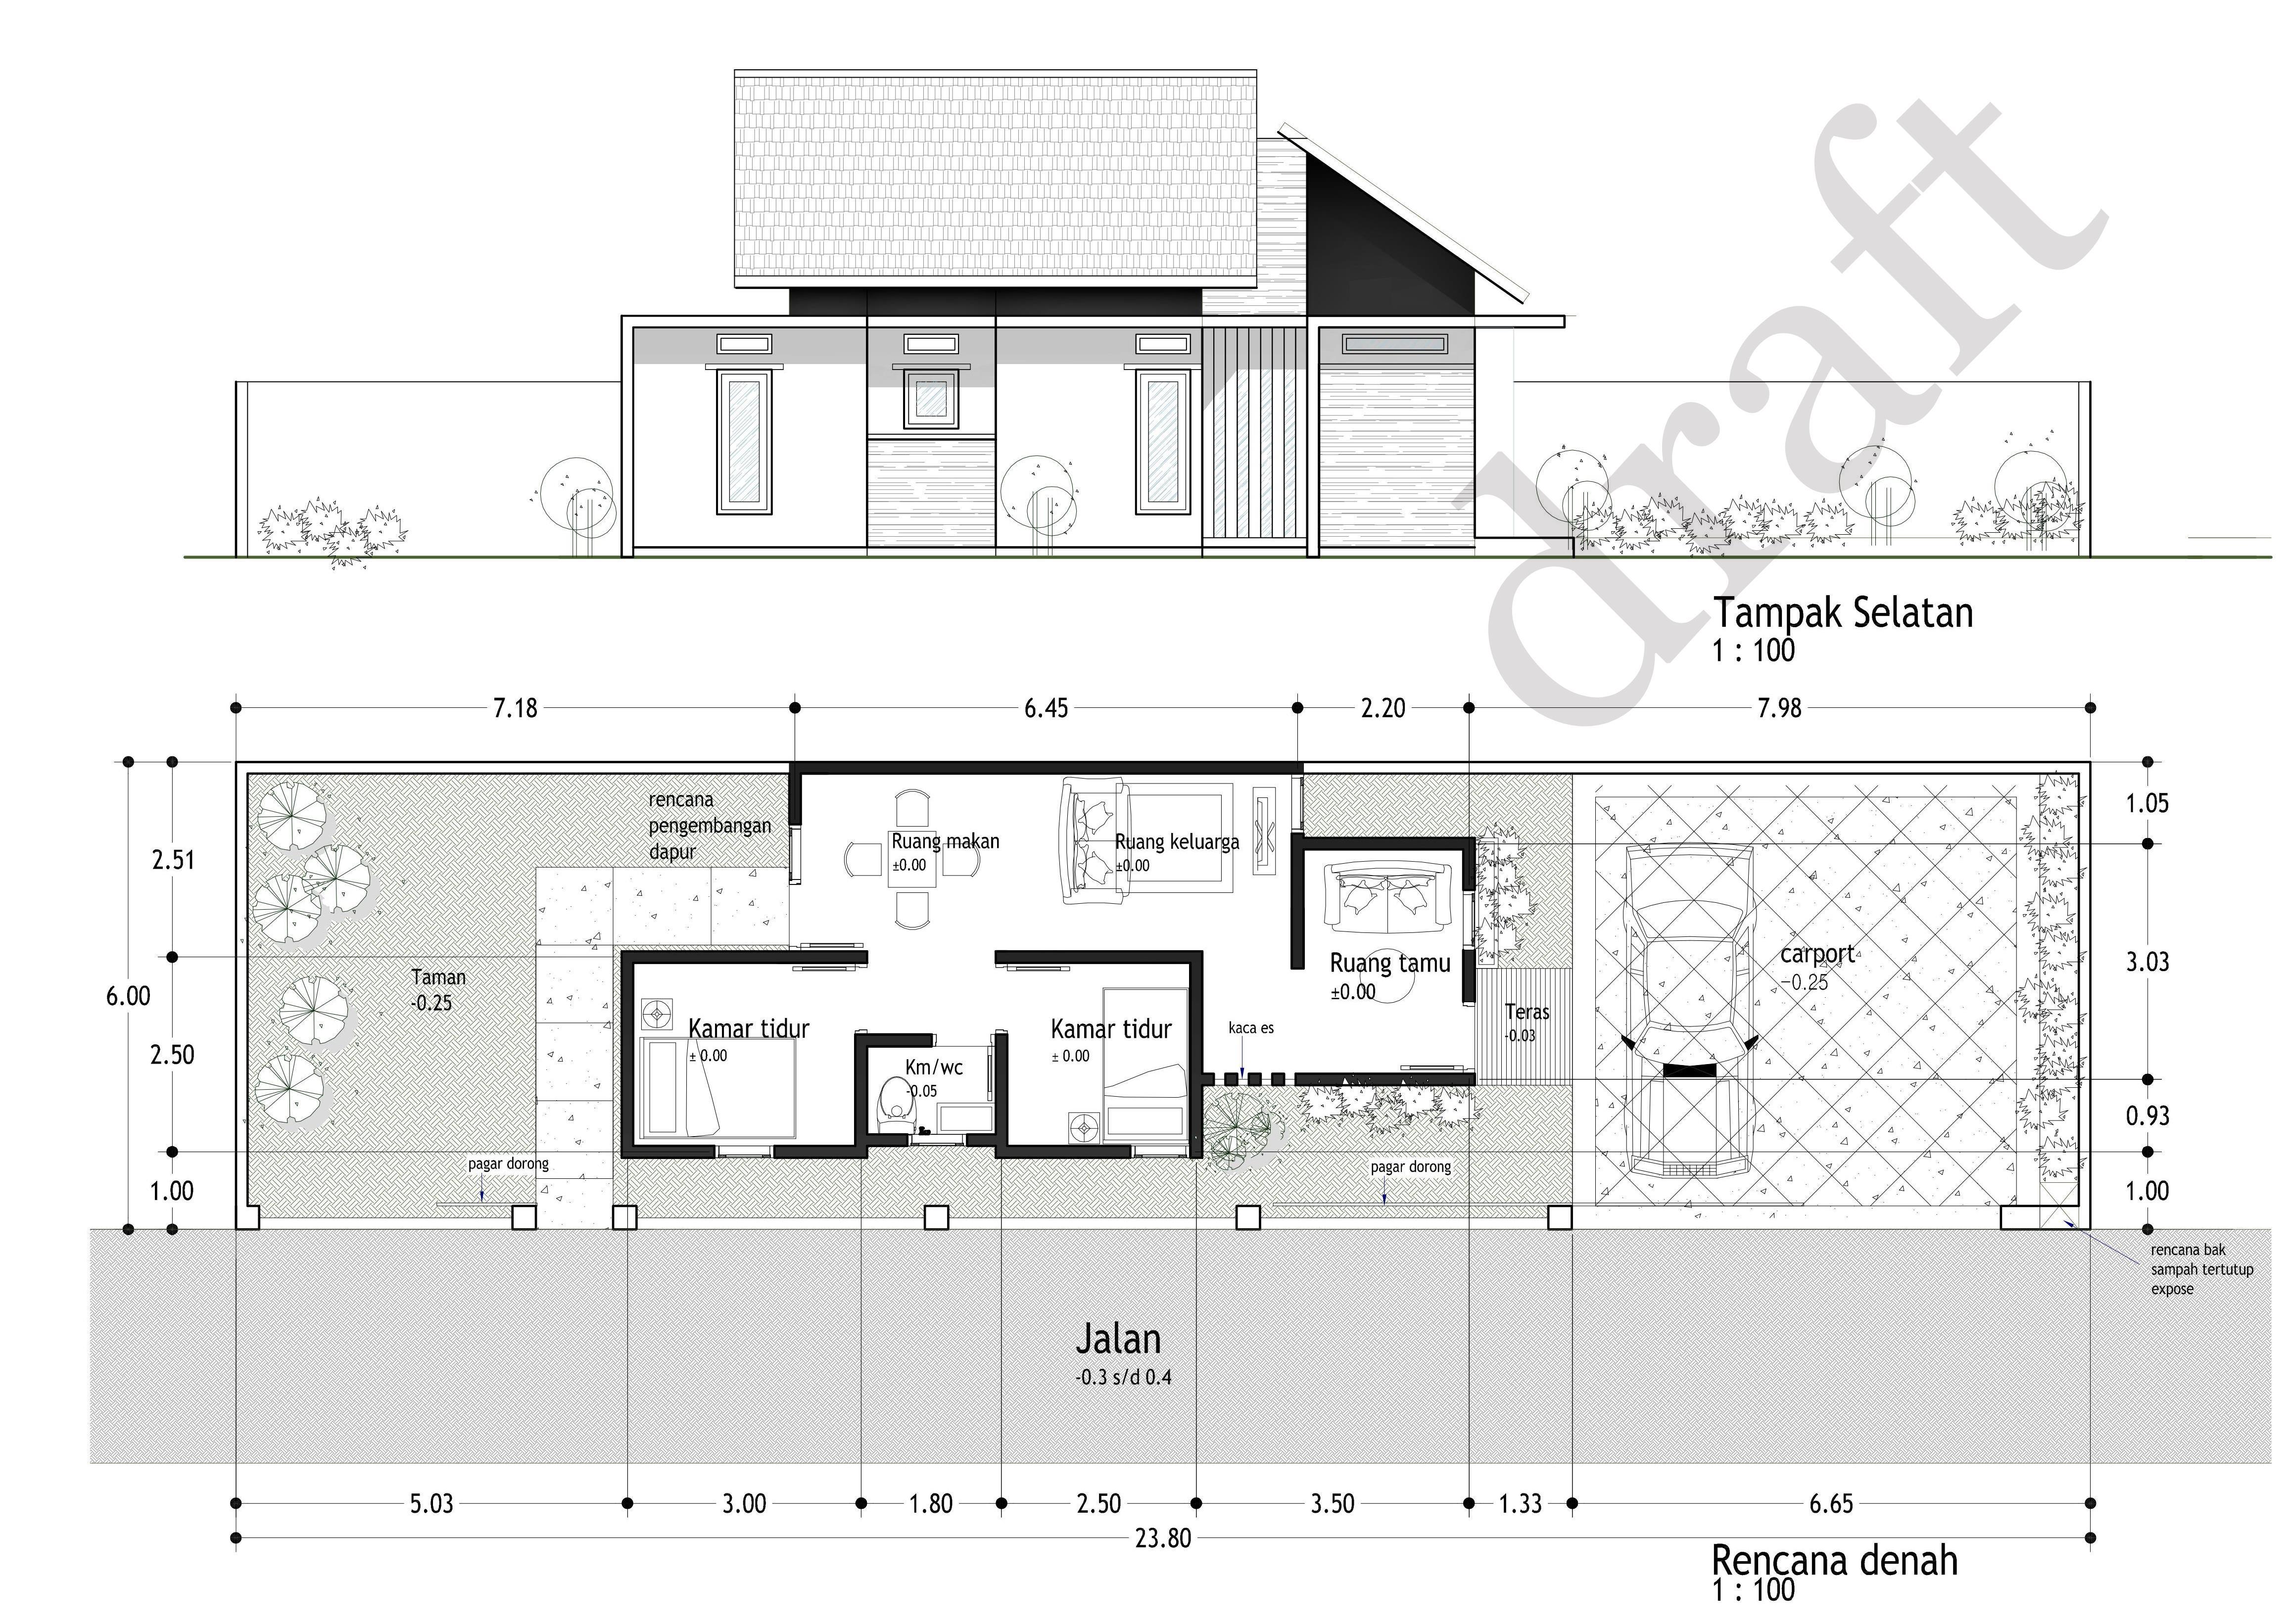 Desain Rumah Sketchup Melebar